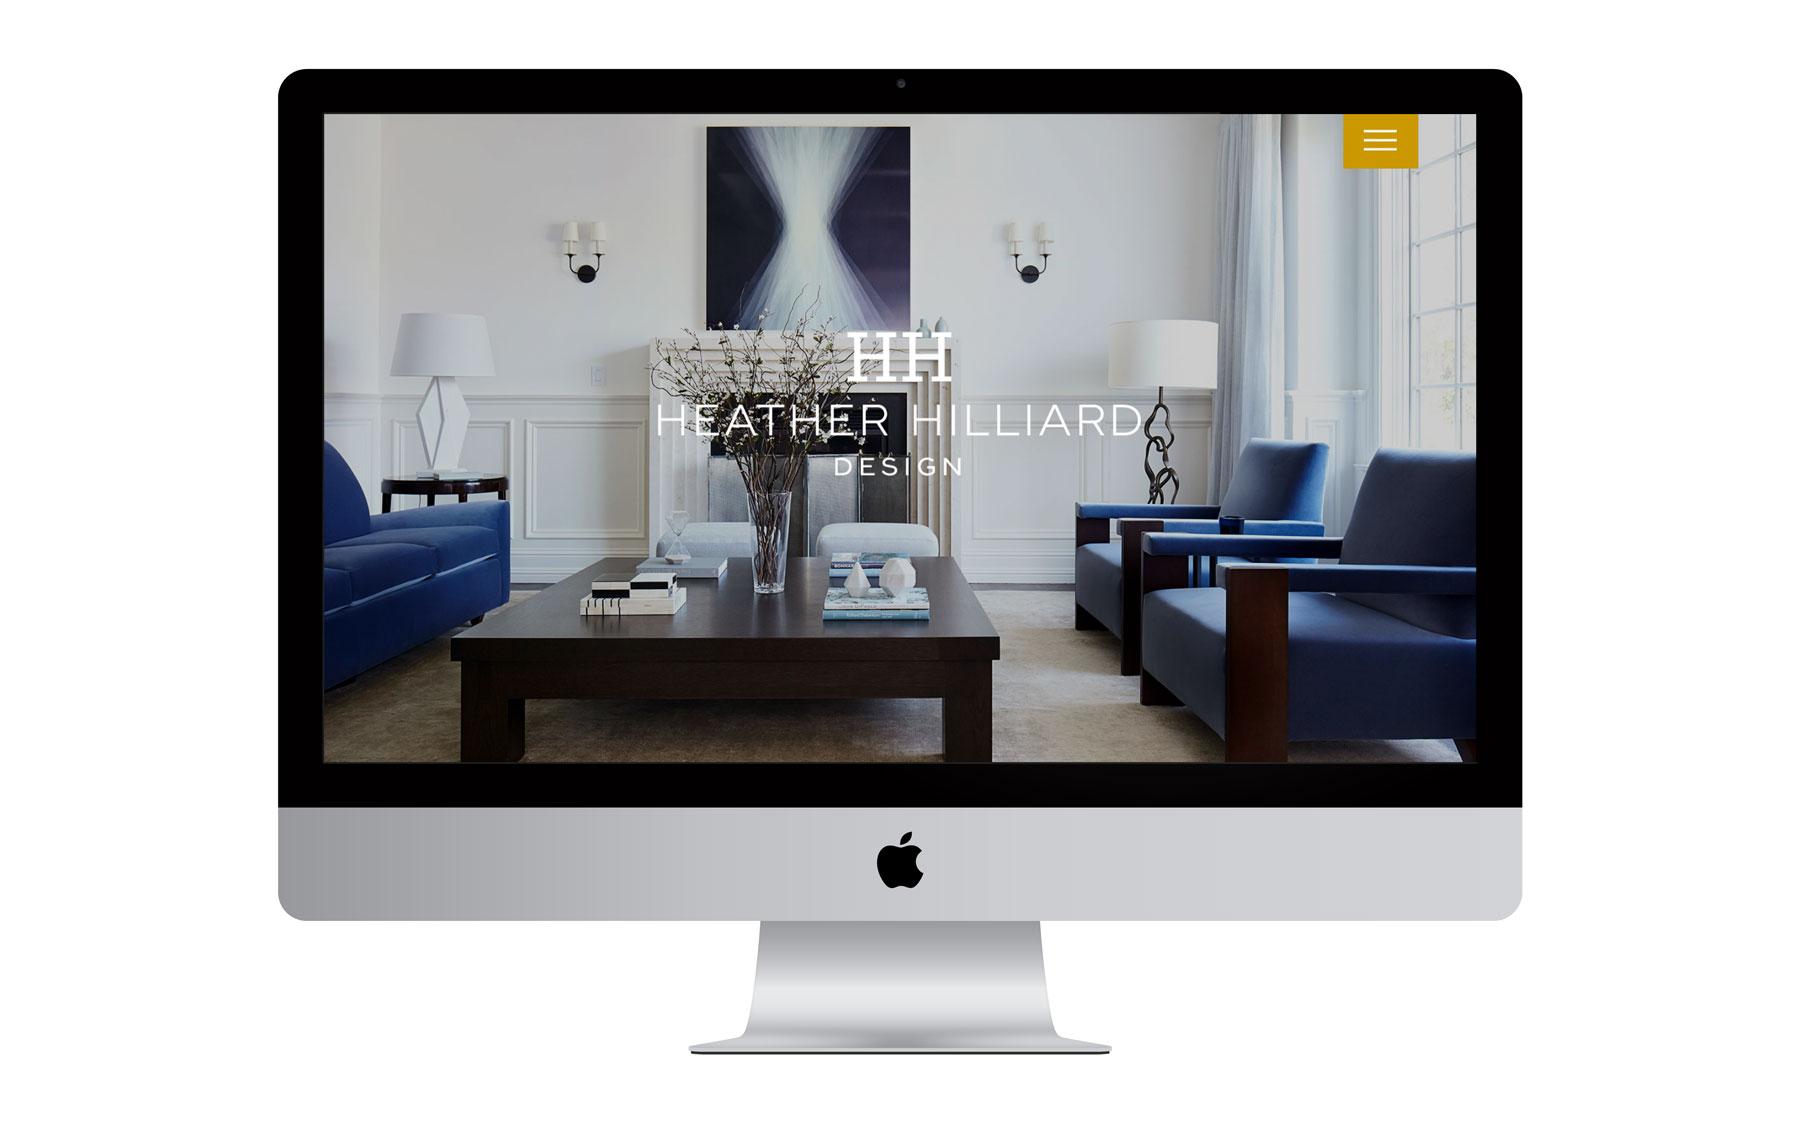 Heather Hilliard Design Website